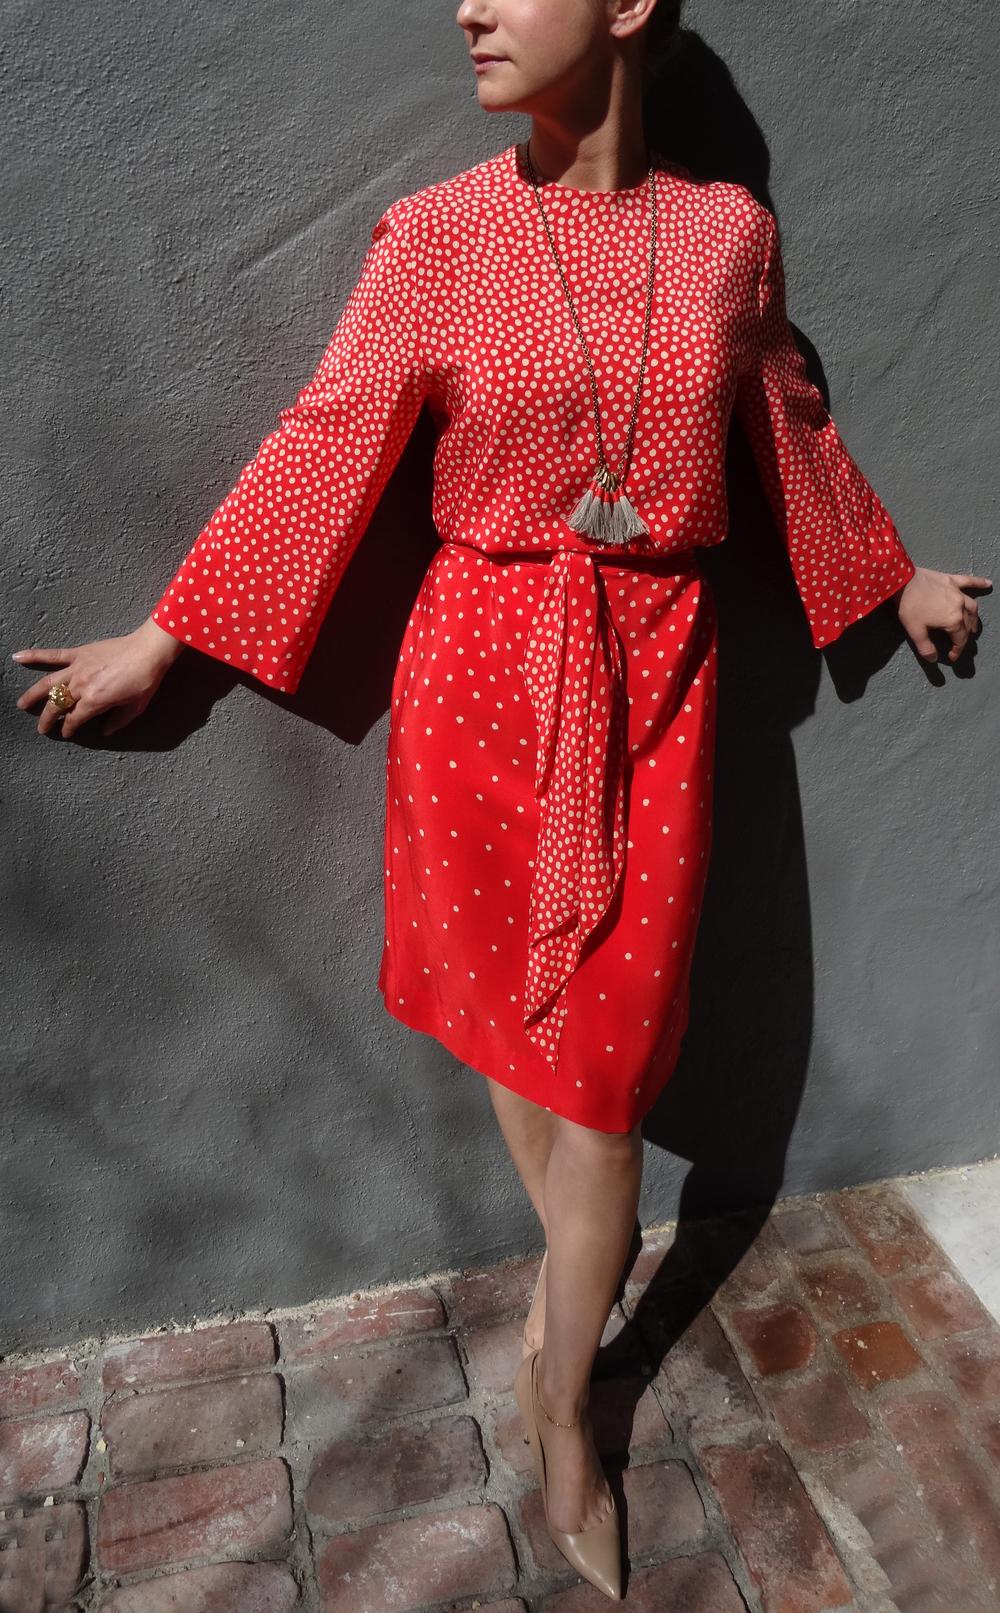 Vintage Halston dress, BOET Necklace, Manolo Blahnik pumps